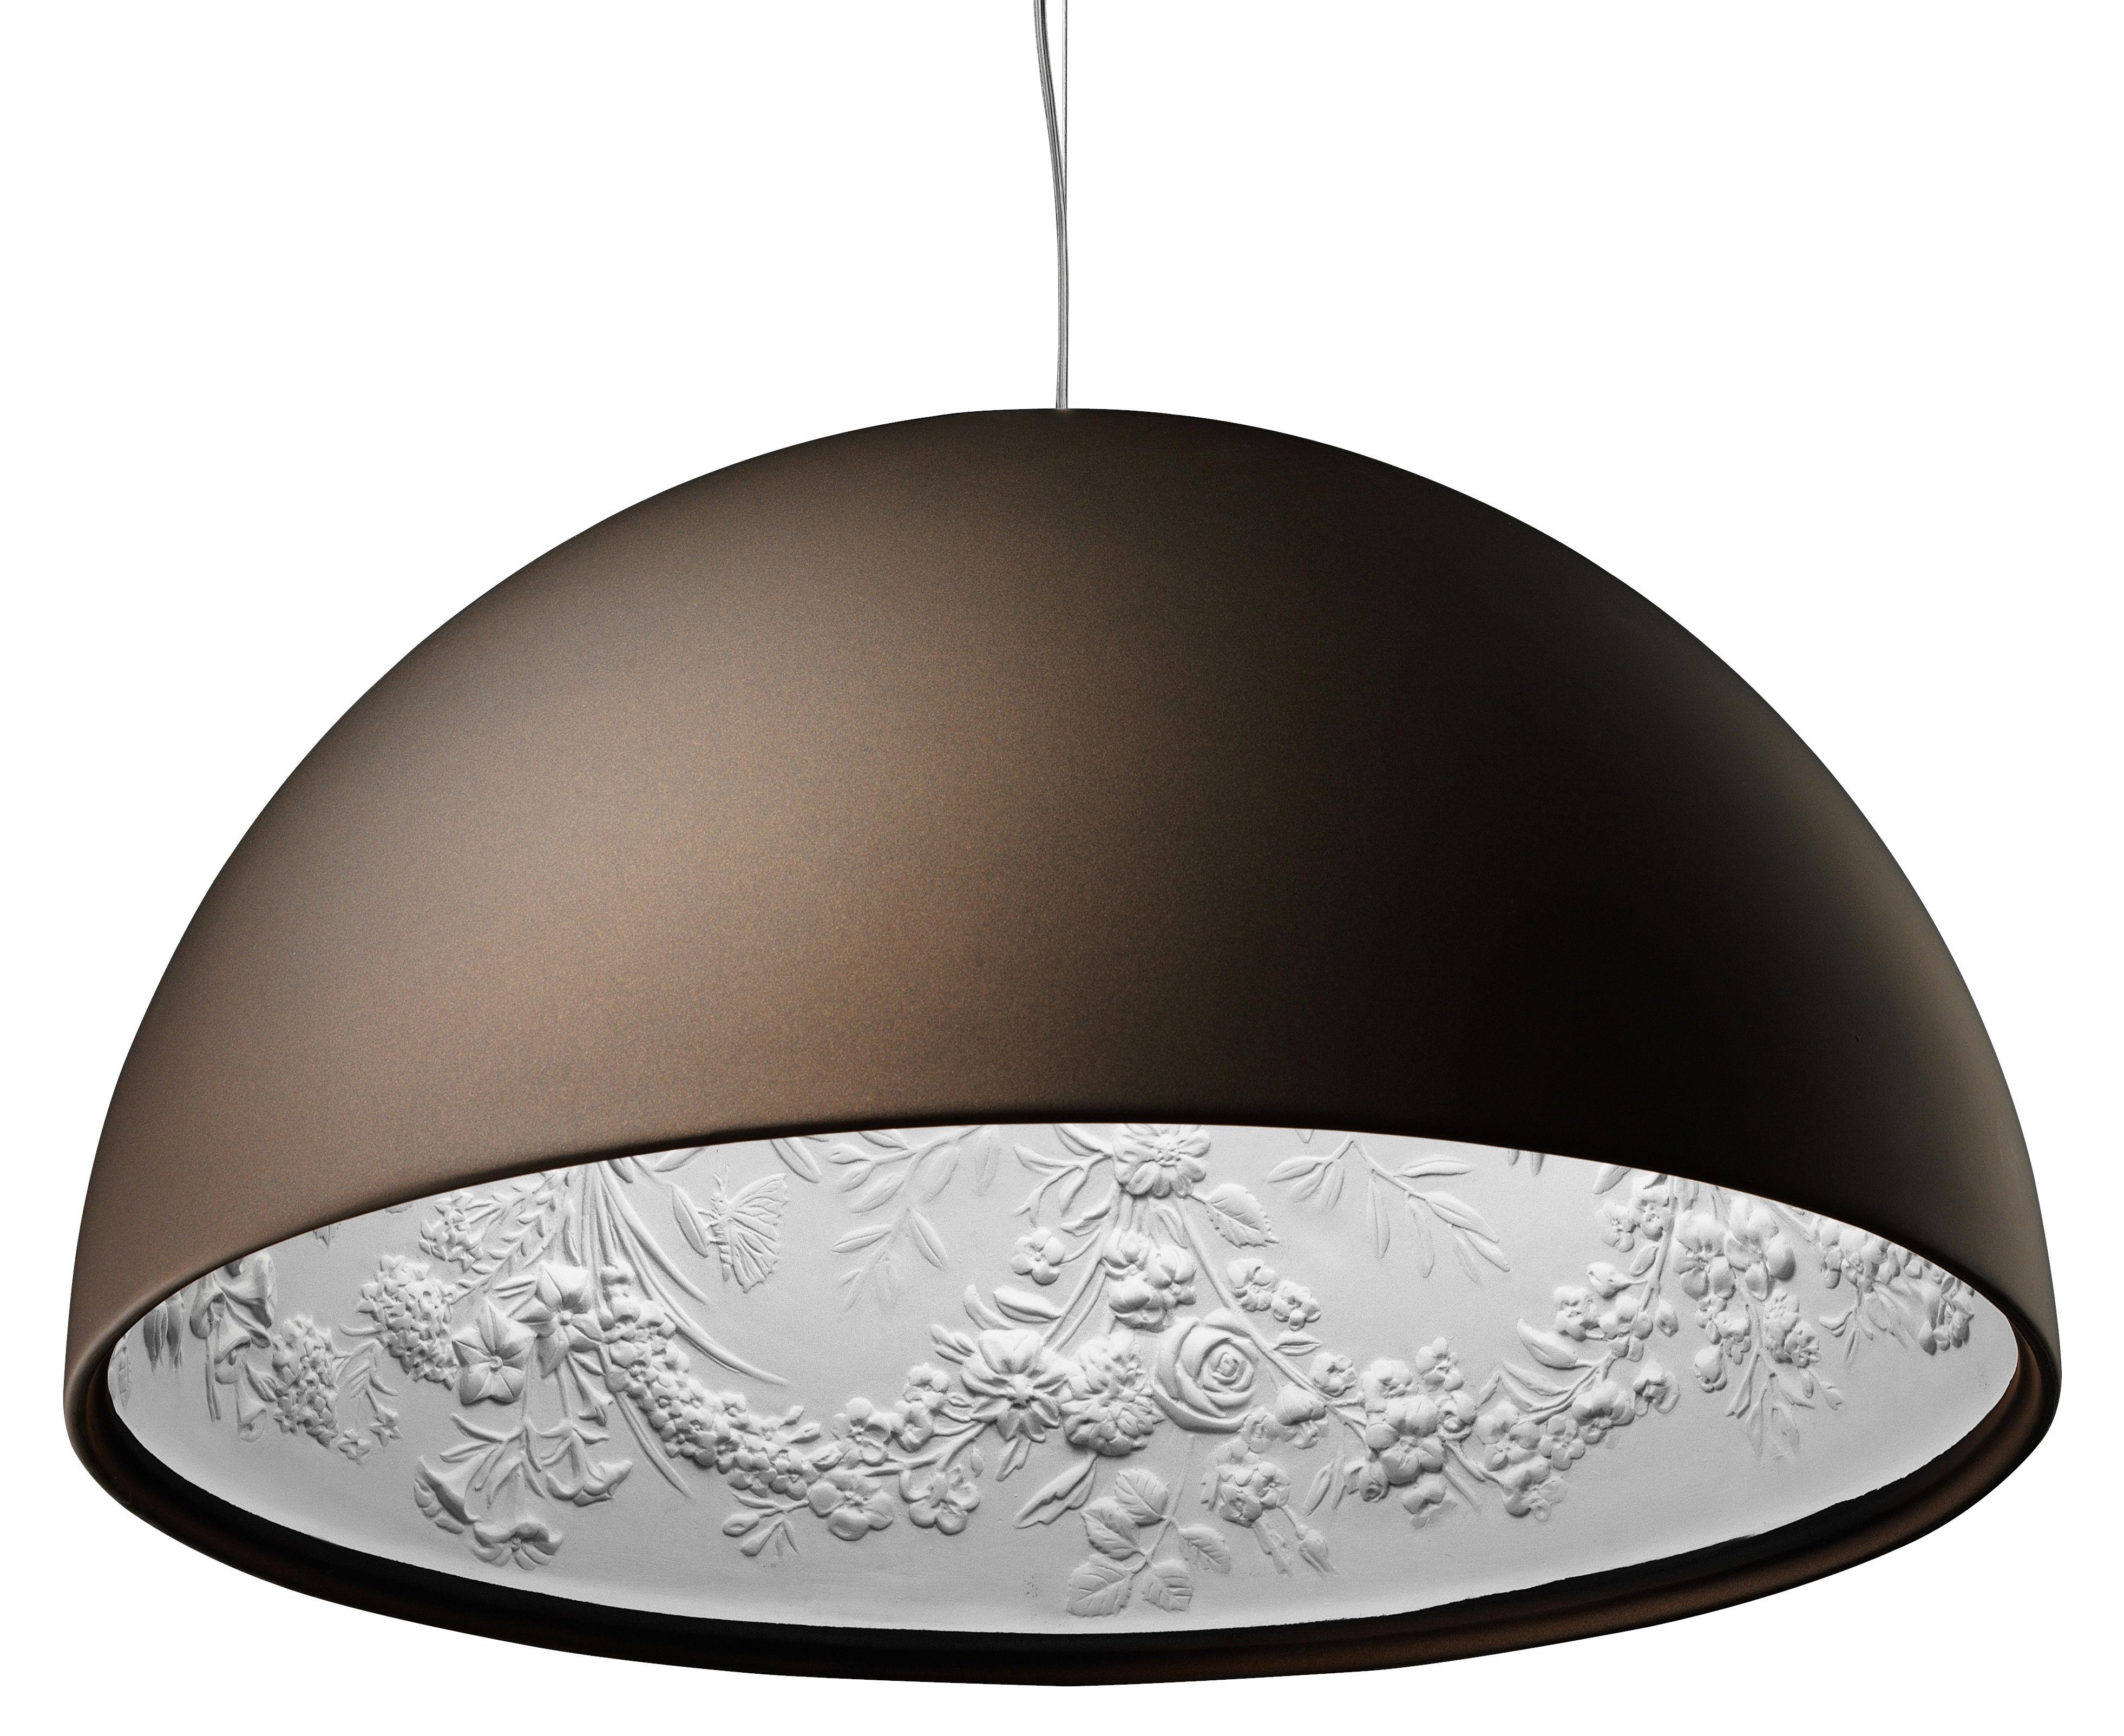 Luminaire - Suspensions - Suspension Skygarden 2 Ø 90 cm / Halogène - Flos - Bronze mat - Aluminium, Plâtre